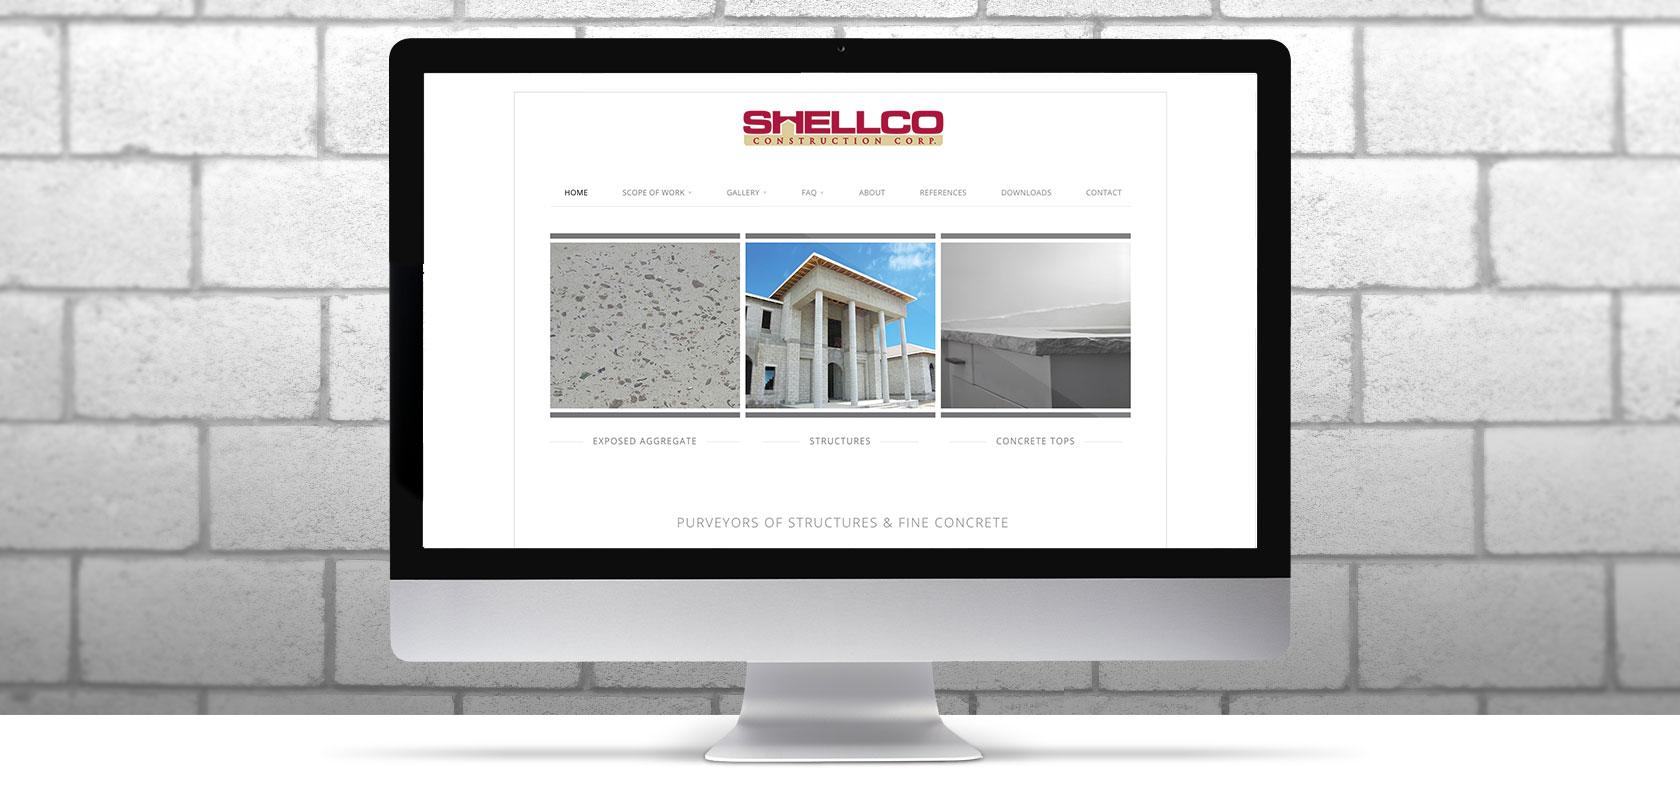 shellco-website